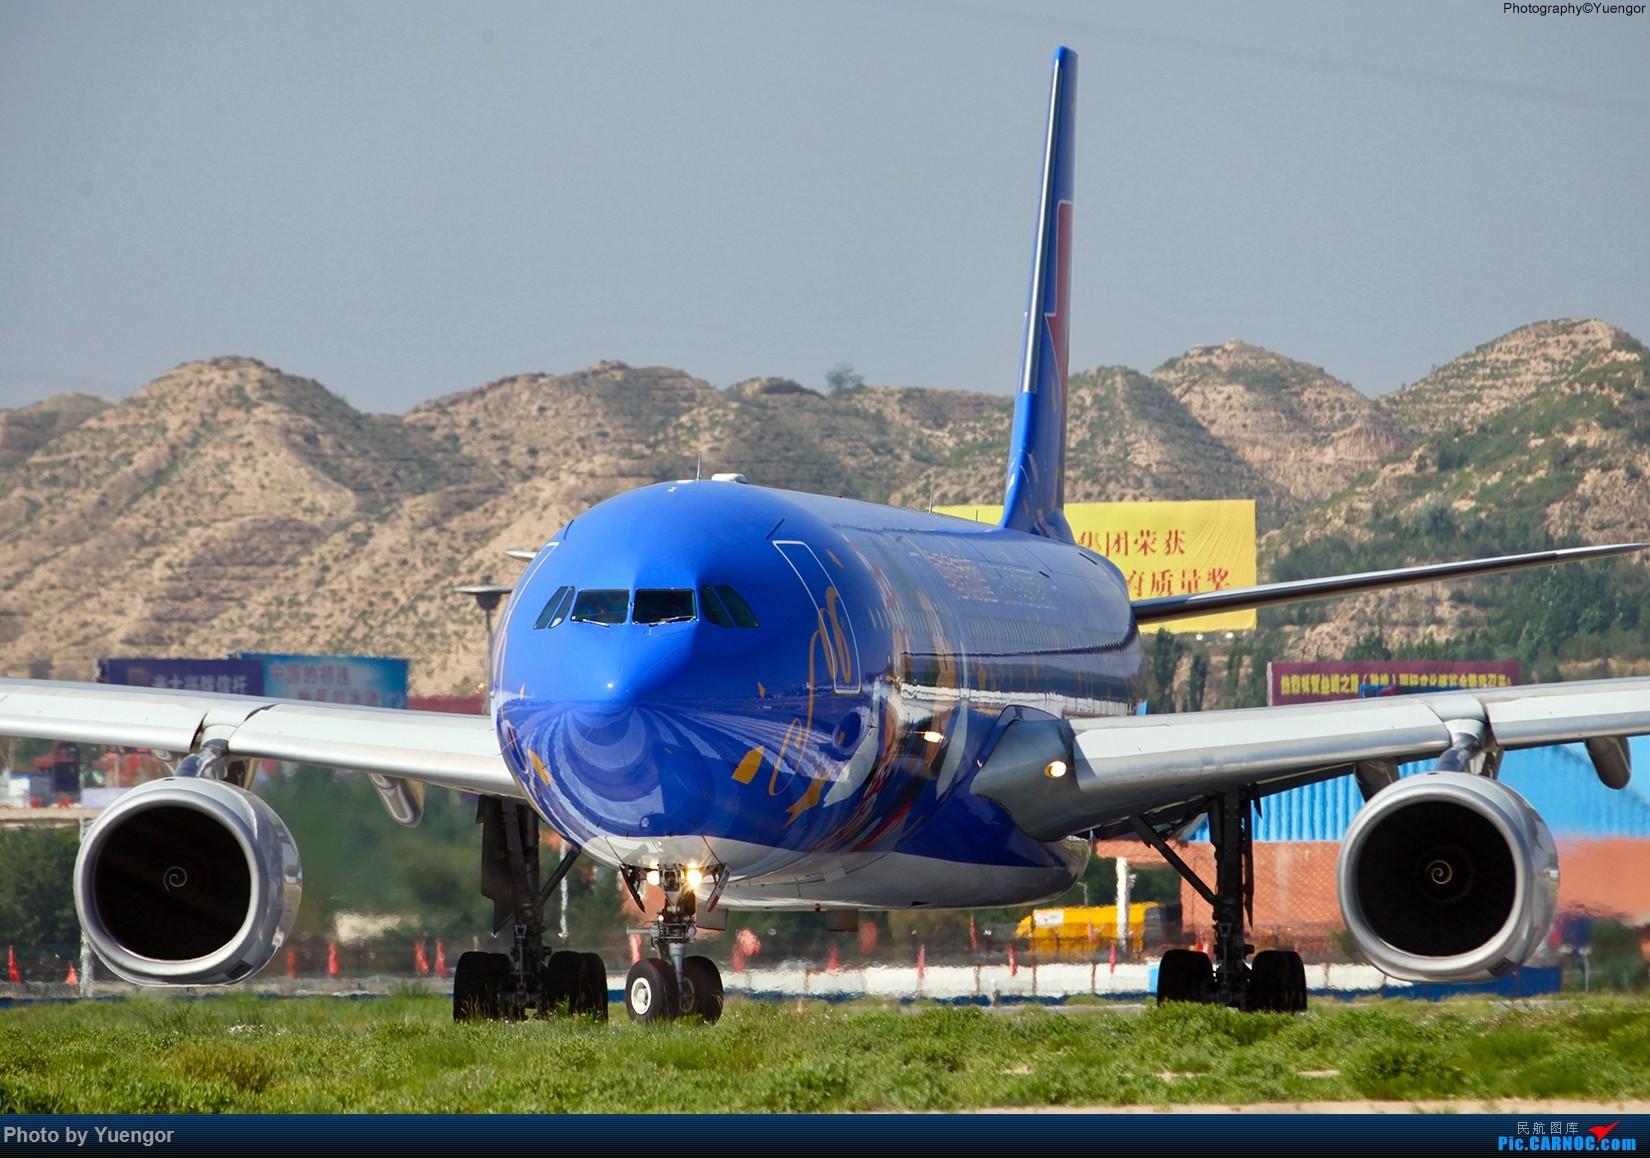 【兰州飞友会】2016LHW本场拍机 原谅发图晚 AIRBUS A330-300 B-6120 中国兰州中川国际机场